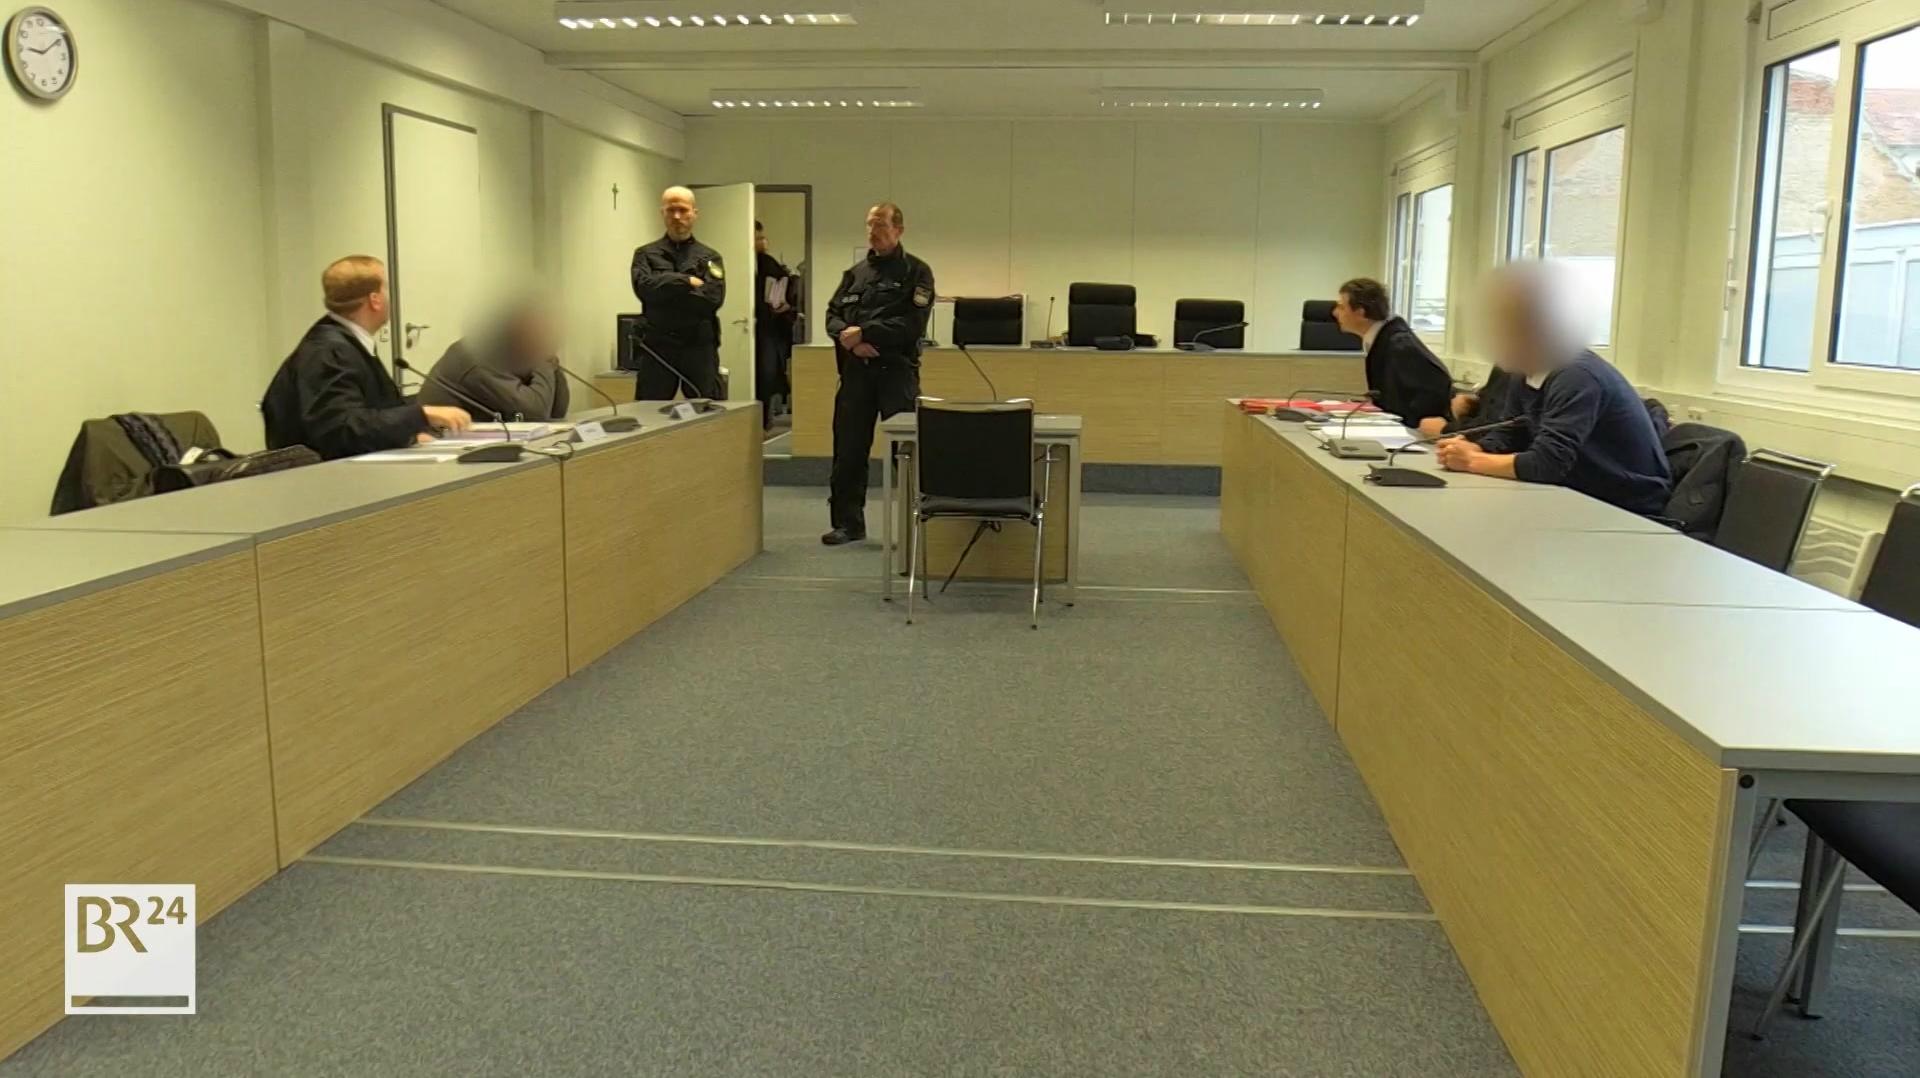 Aschaffenburg : Ringertrainer wegen Missbrauchs in Aschaffenburg vor Gericht